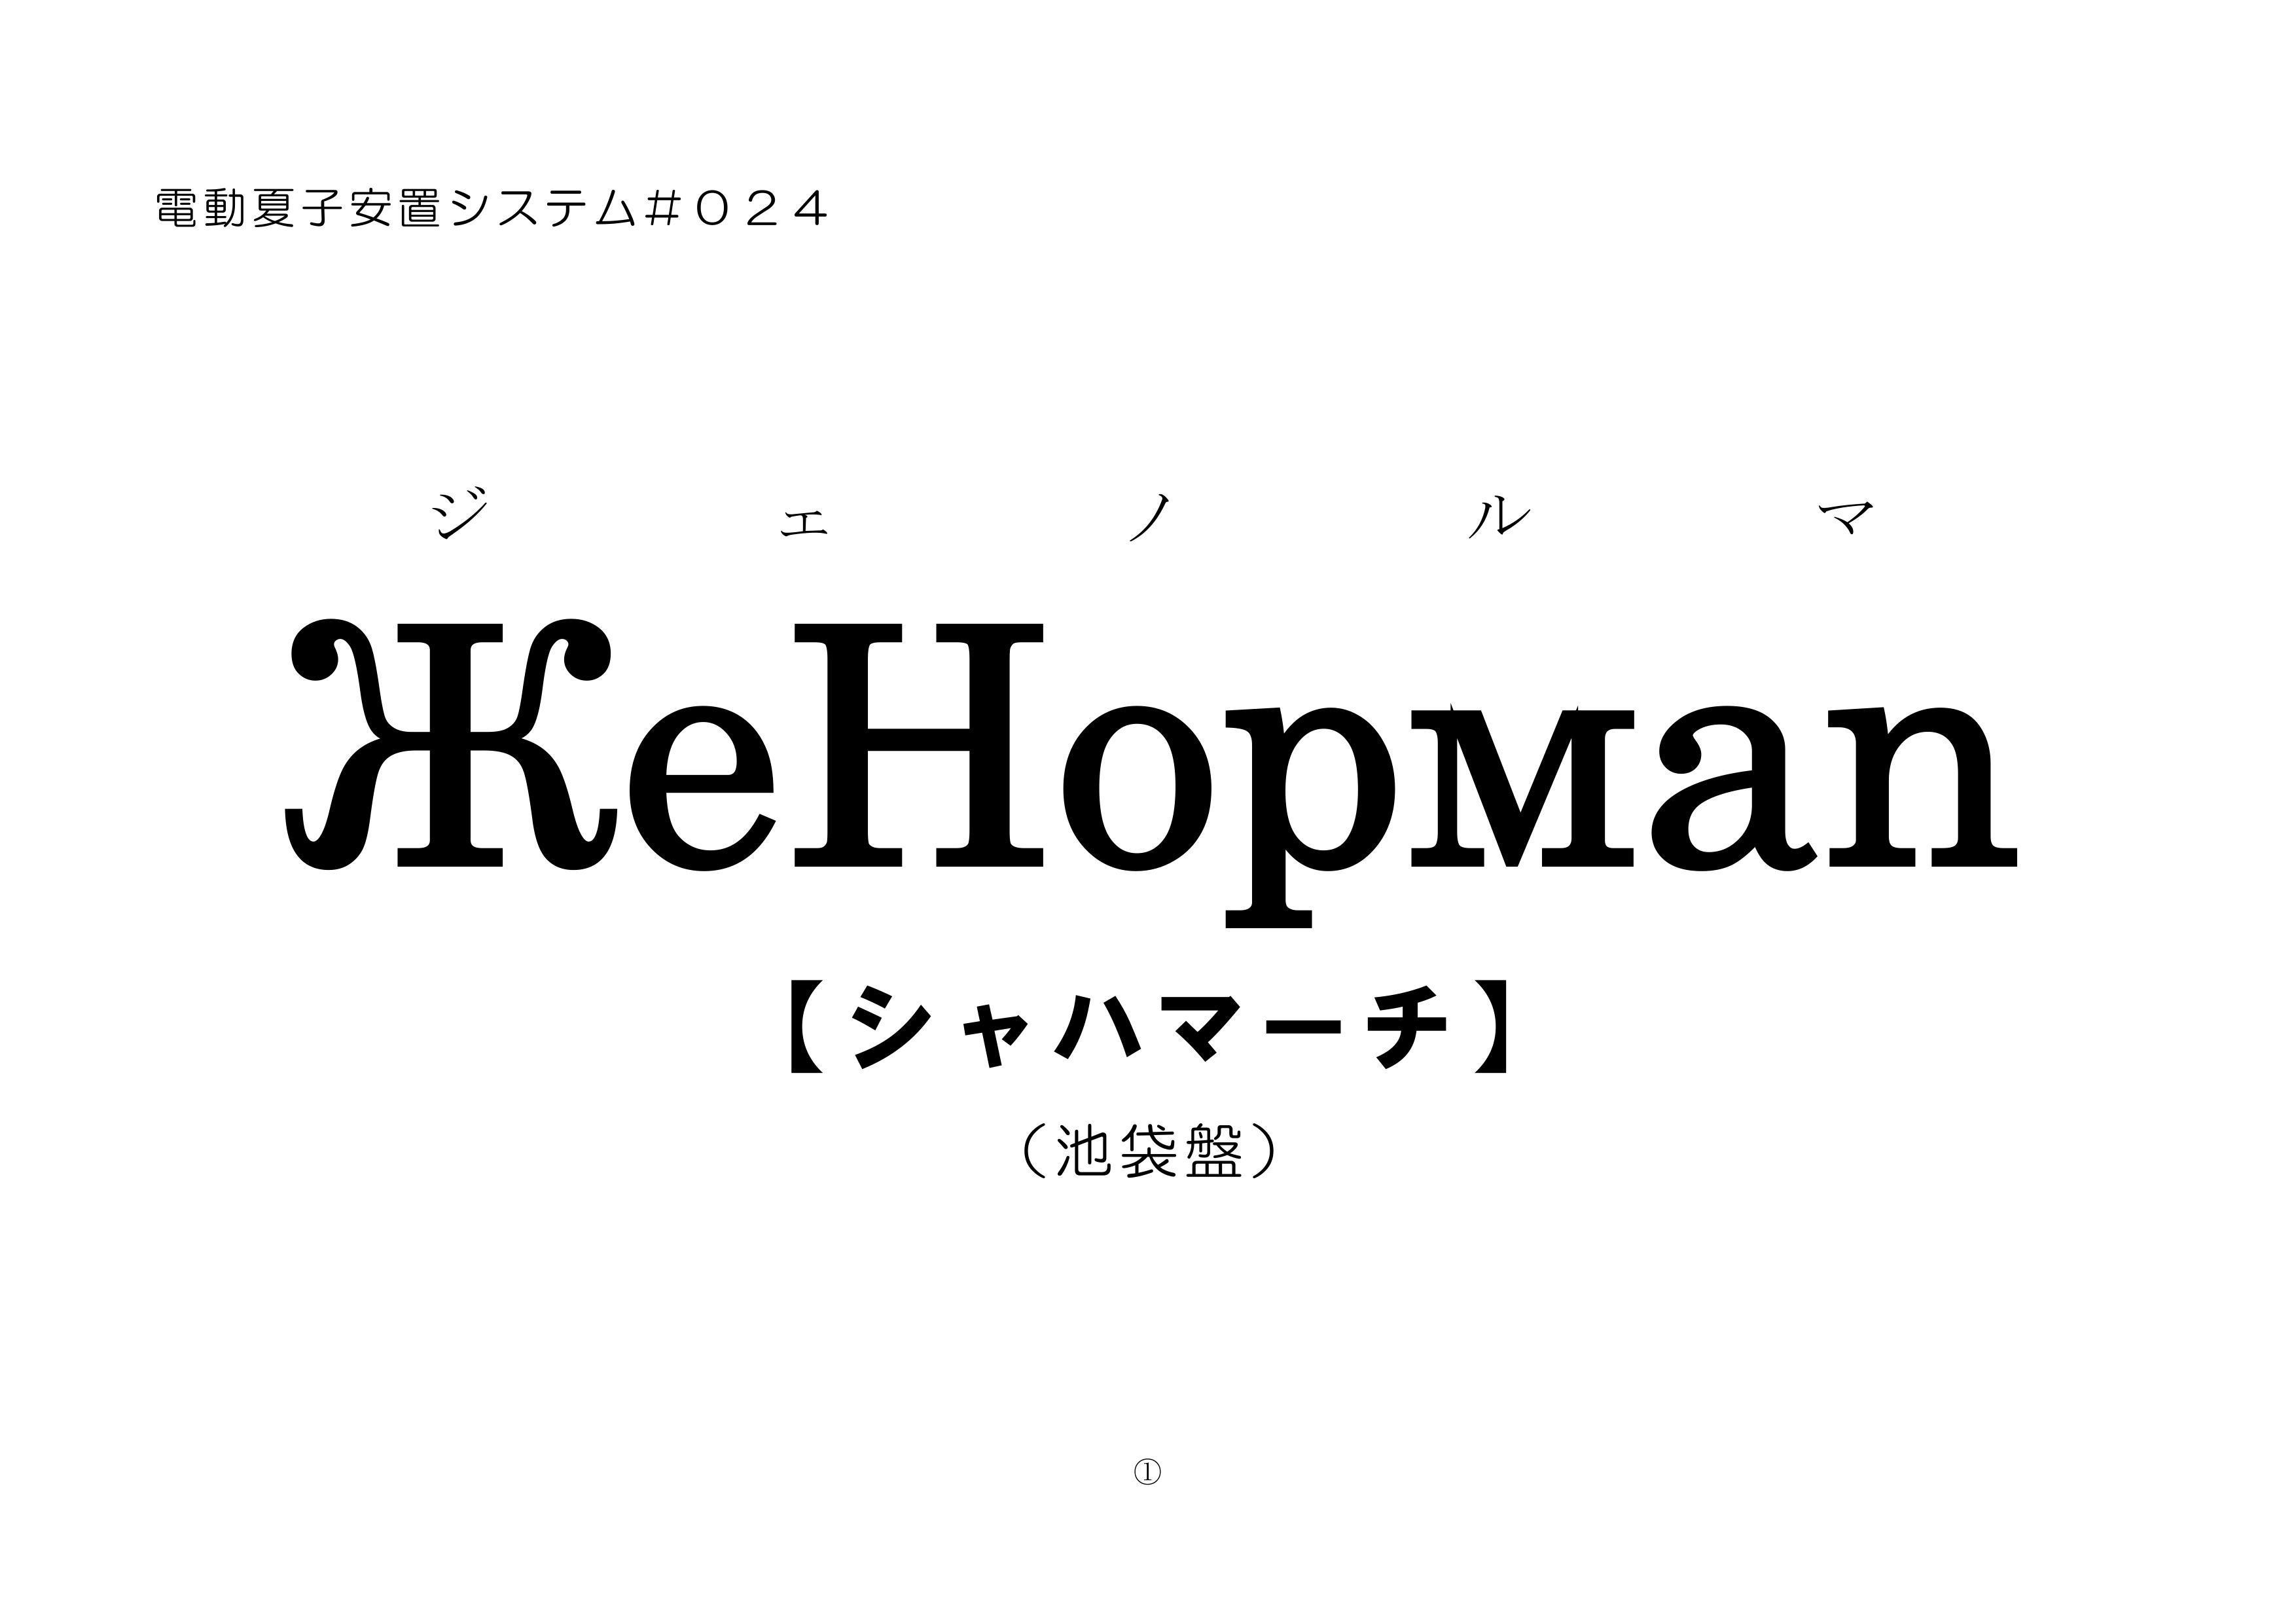 台本 第24回公演『ЖeНoрмаn~シャハマーチ~【池袋盤】』